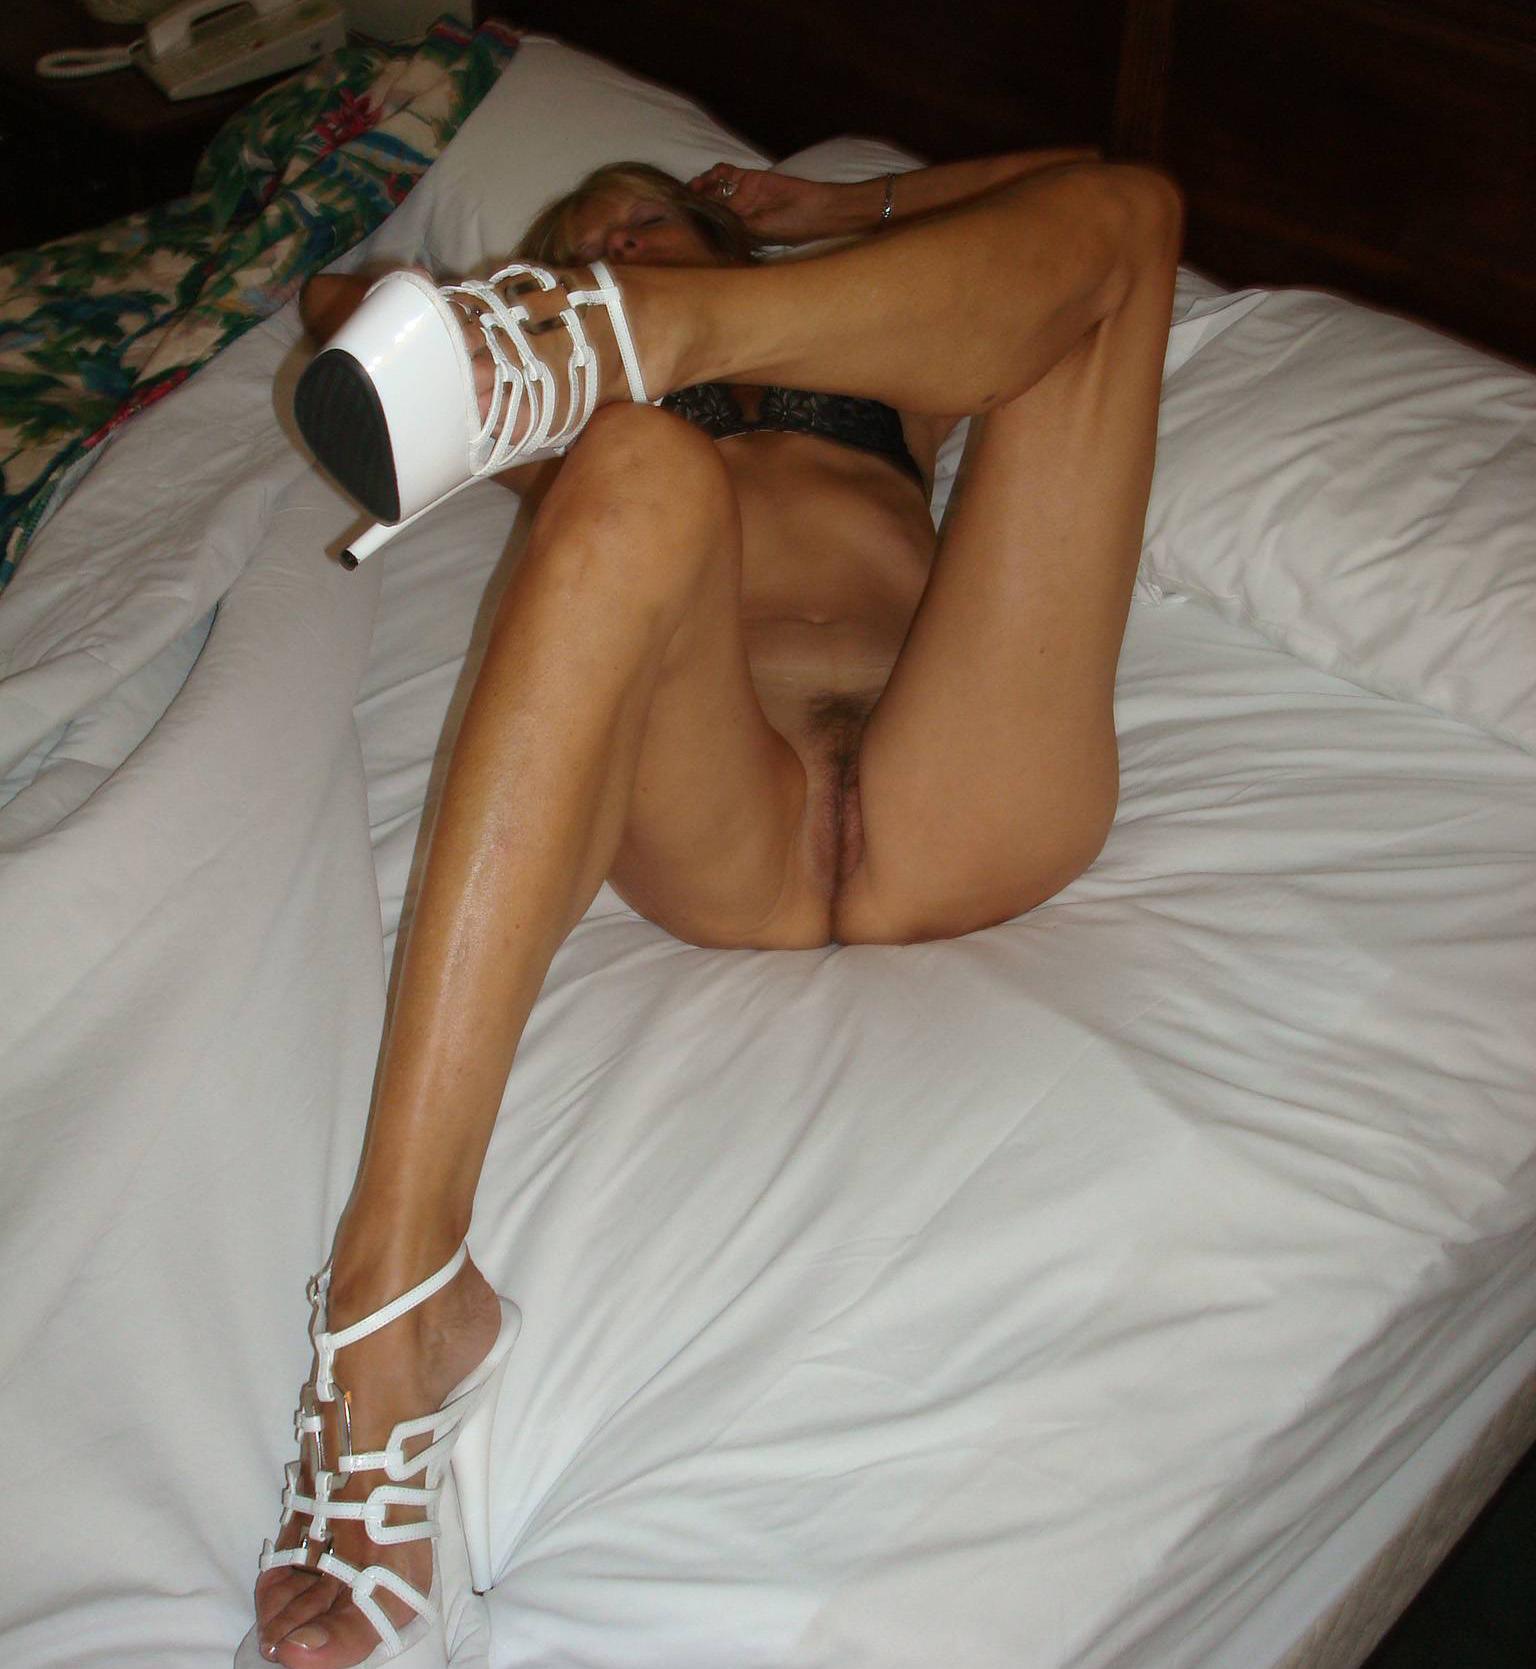 torri wilson playboy pictures